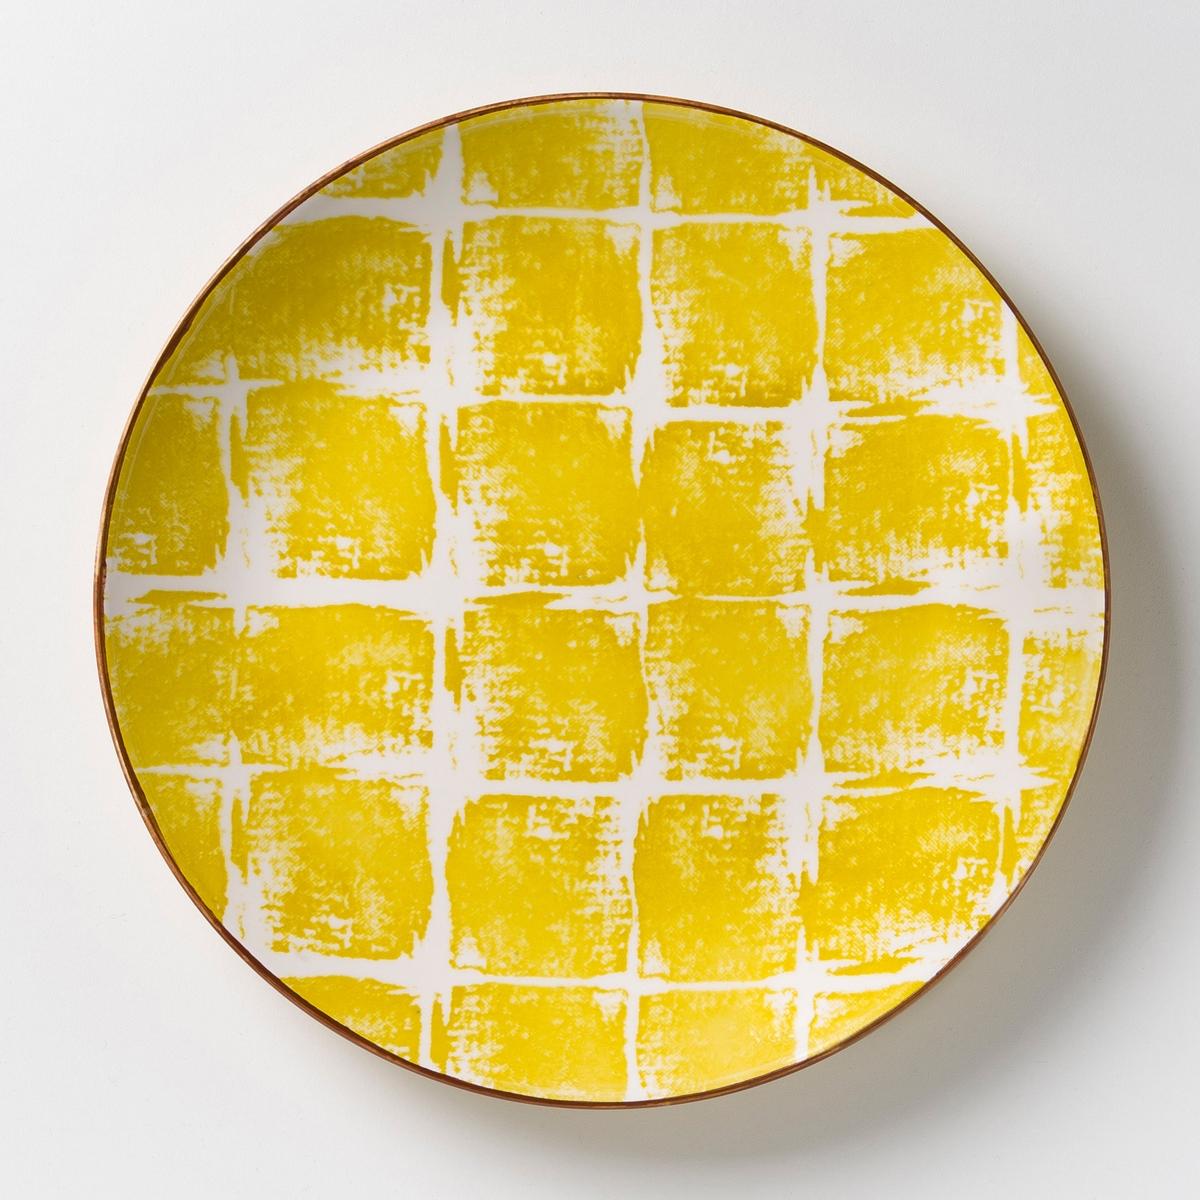 Комплект из 4 мелких тарелок из керамики Malado комплект из 4 тарелок из керамики ø21 5 см pure дизайн п нессенса для serax